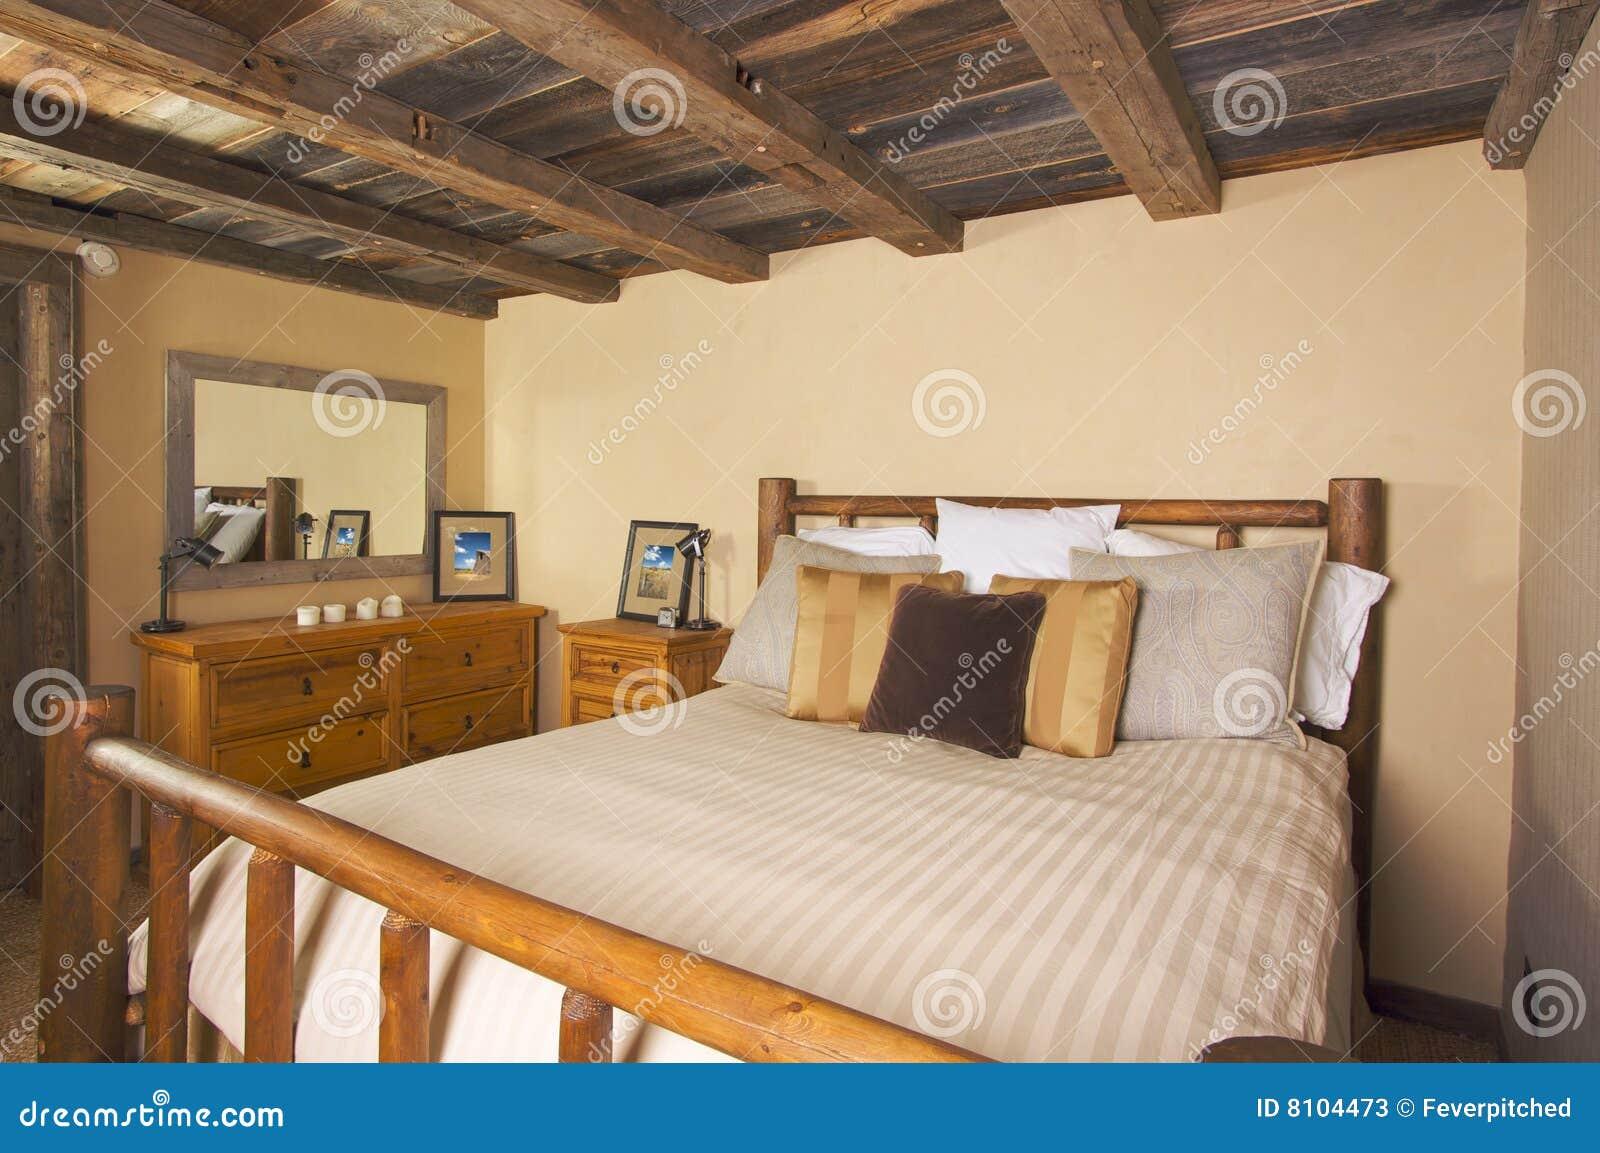 Luxuriöses Rustikales Protokoll-Kabine-Schlafzimmer Stockbild - Bild ...